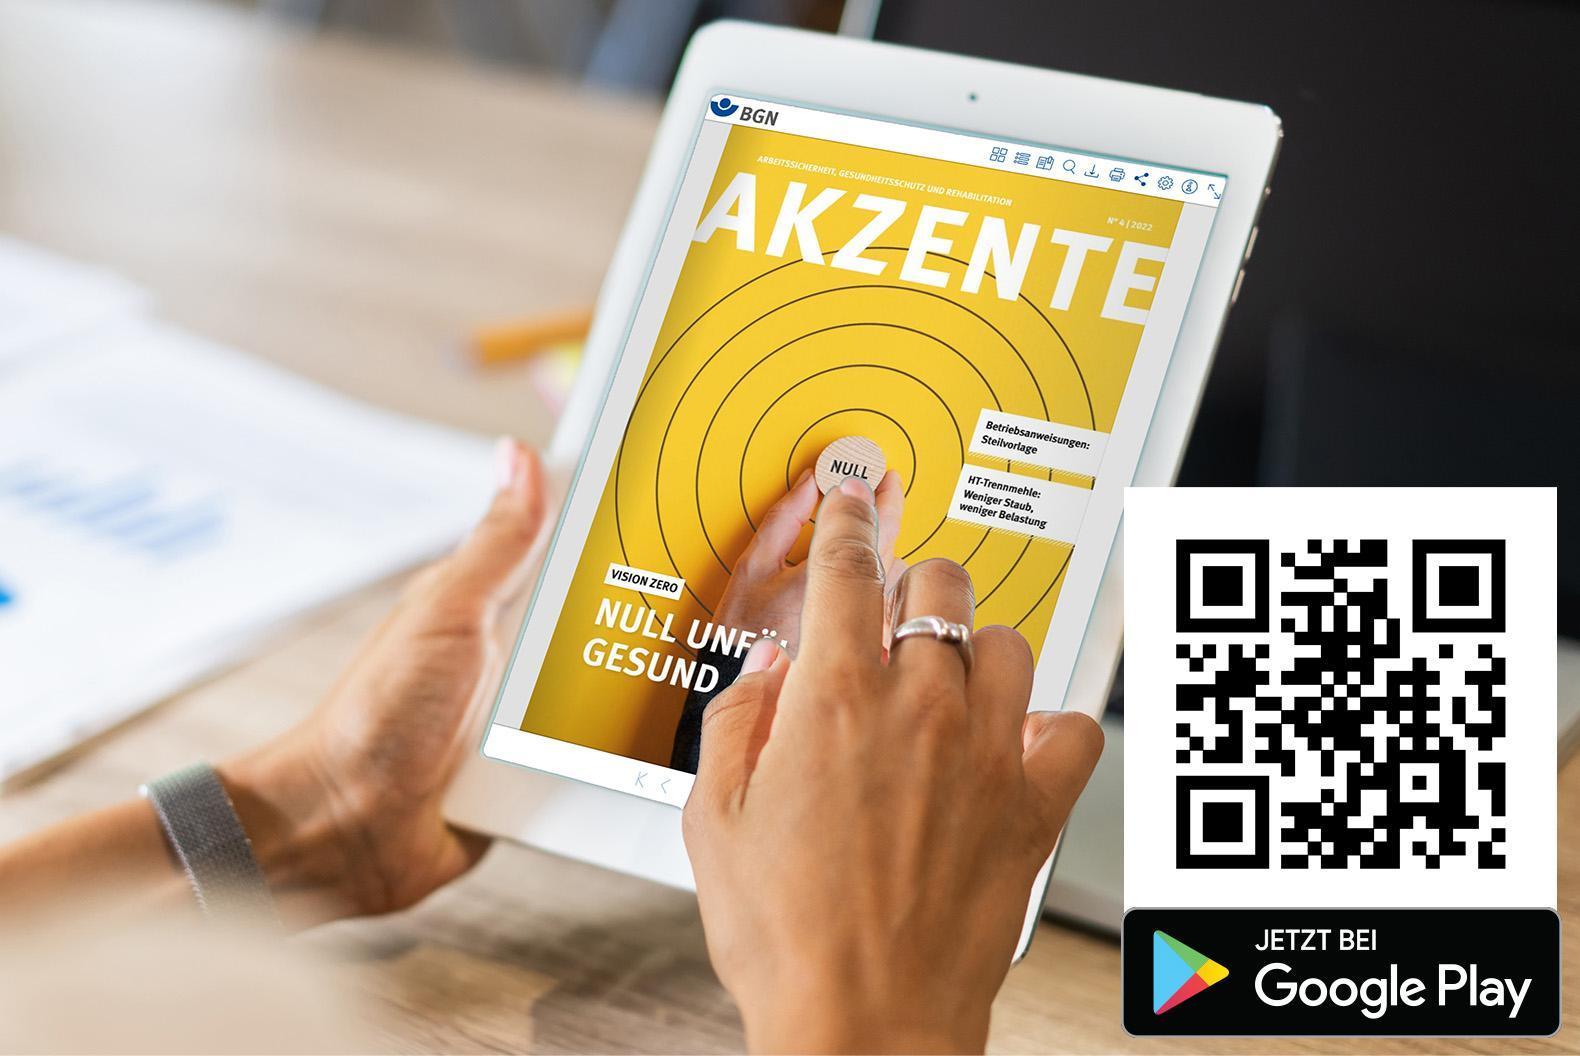 Frau schaut auf Tablet, das die Akzente anzeigt, daneben ein QR-Code zur BGN-Medien-App.